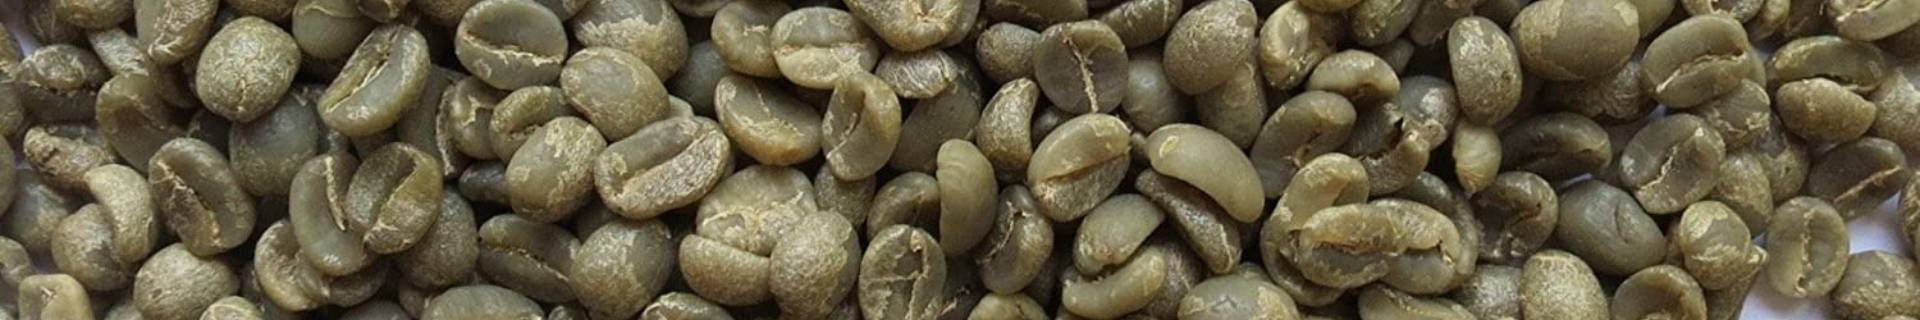 Café verde orgánico - ECOLECTIA